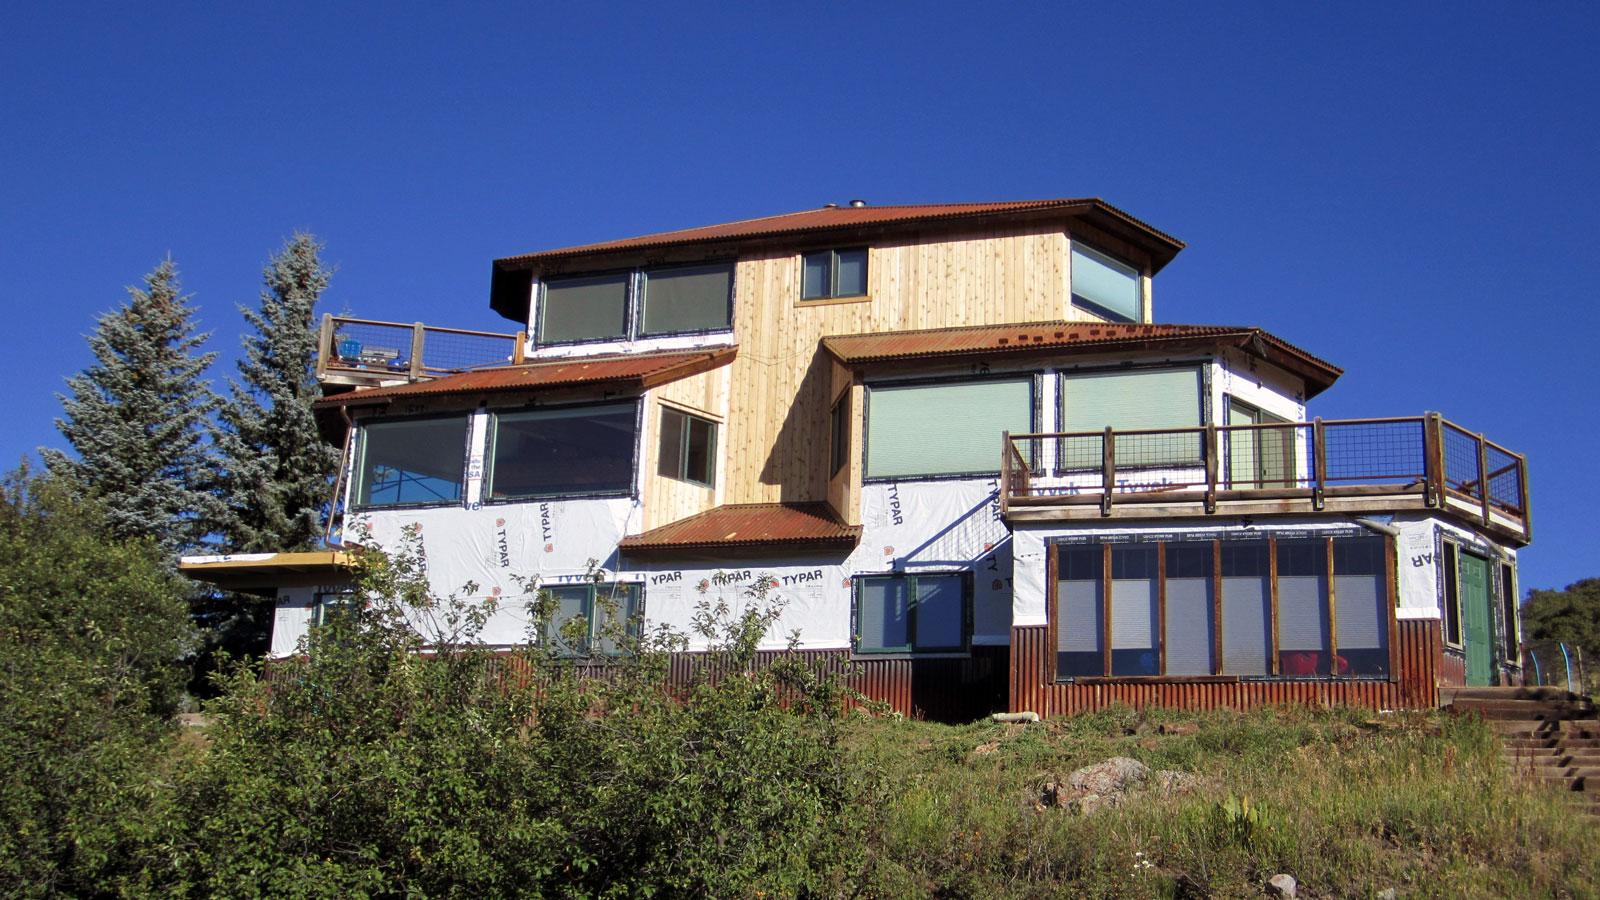 VERTEX, Construction, Last Dollar Condominiums, Telluride, Colorado 34743